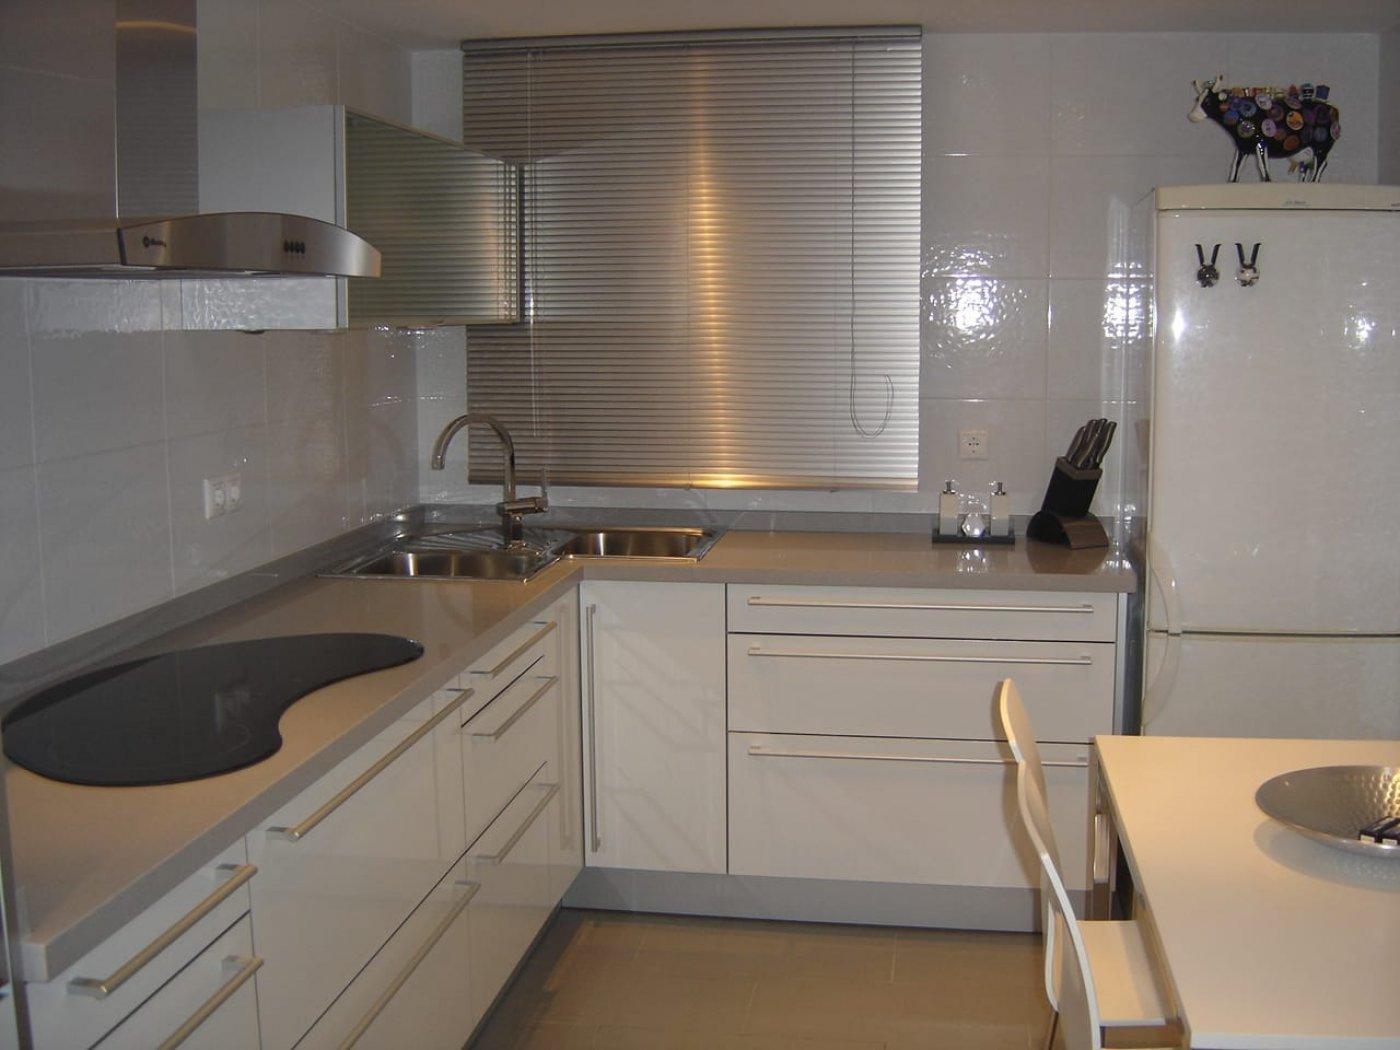 Se vende bonito apartamento semi nuevo con parking en andratx - imagenInmueble18